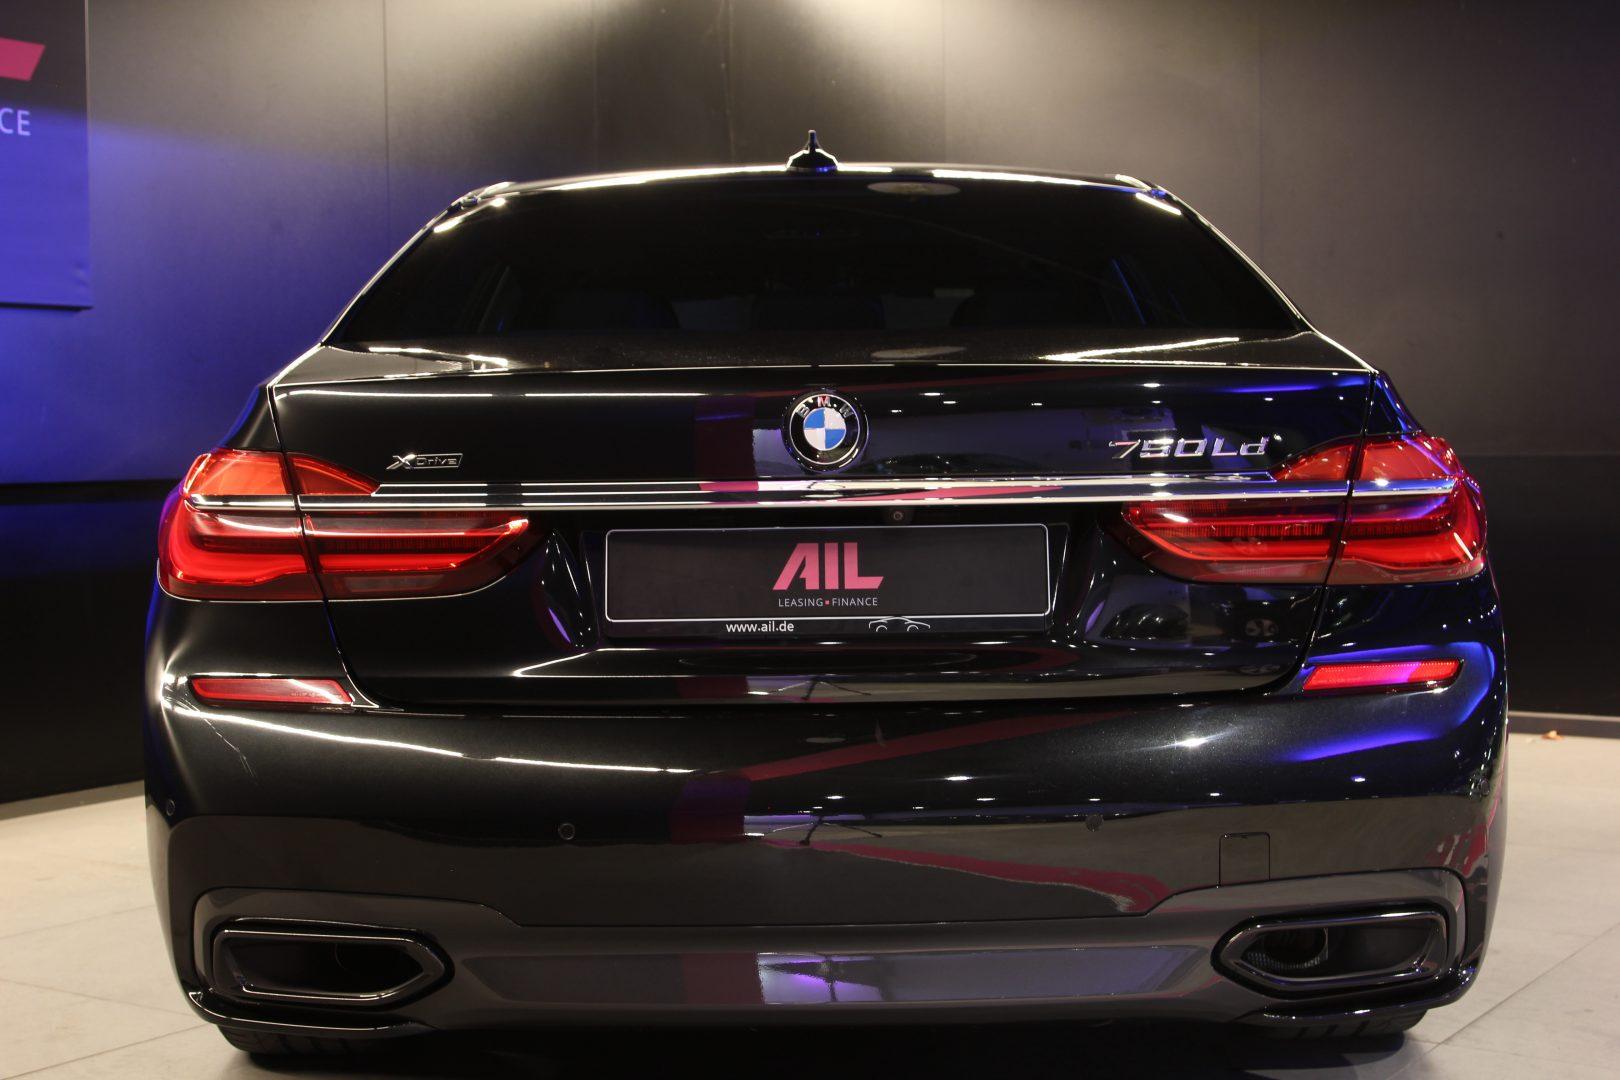 AIL BMW 750Ld xDrive M-Paket  9